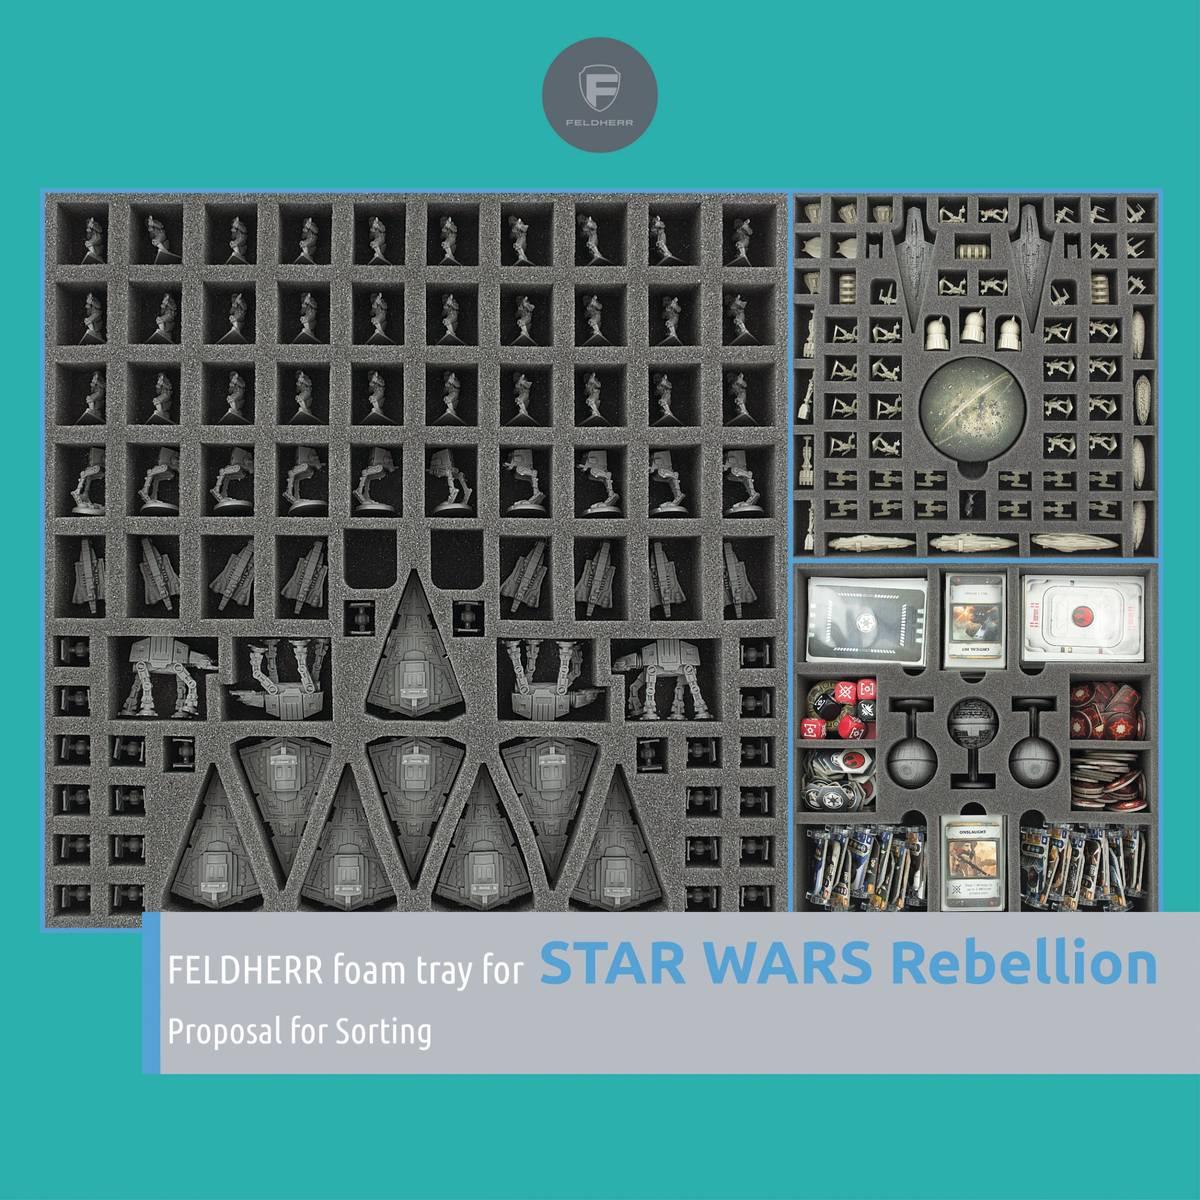 PP002504 - Flyer for Rebellion